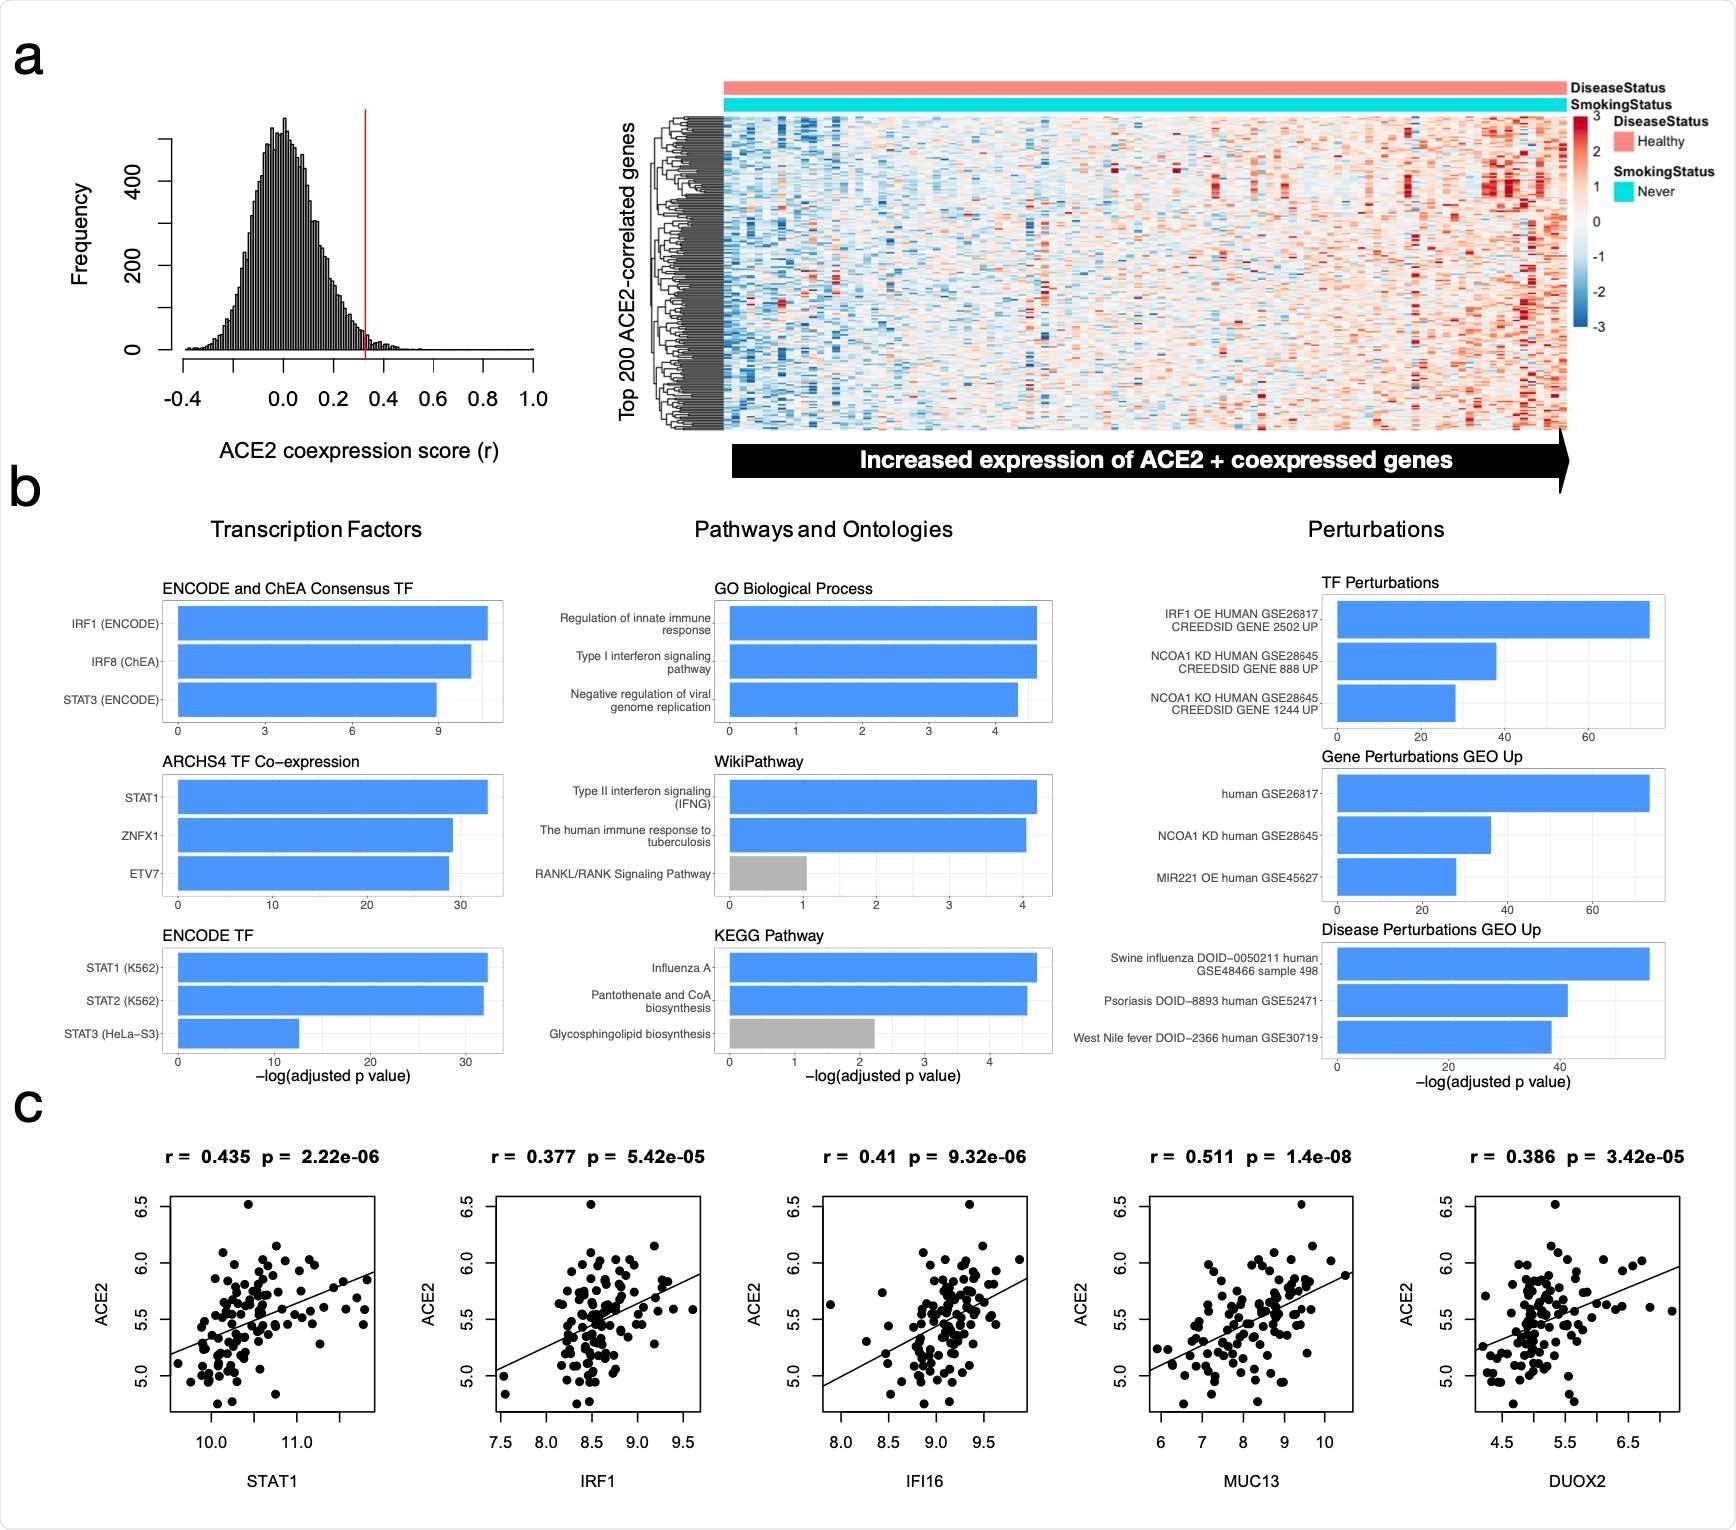 Expresión y análisis funcional del enriquecimiento de ACE2 y de genes coexpressed. a) Expresión de los genes de la capota 200 ACE2-correlated (ACE2 incluyendo) en sano, no fumadores (N=109). b) Análisis funcional del enriquecimiento de los genes de la capota 200 ACE2correlated (ACE2 incluyendo). Los términos son alineados por log2 (valor de FDRadjusted p) para nueve ontologías/grupos de interés. c) Correlación de Pearson de ACE2 con los genes interferón-relacionados importantes del candidato encontrados para coexpressed con ACE2.